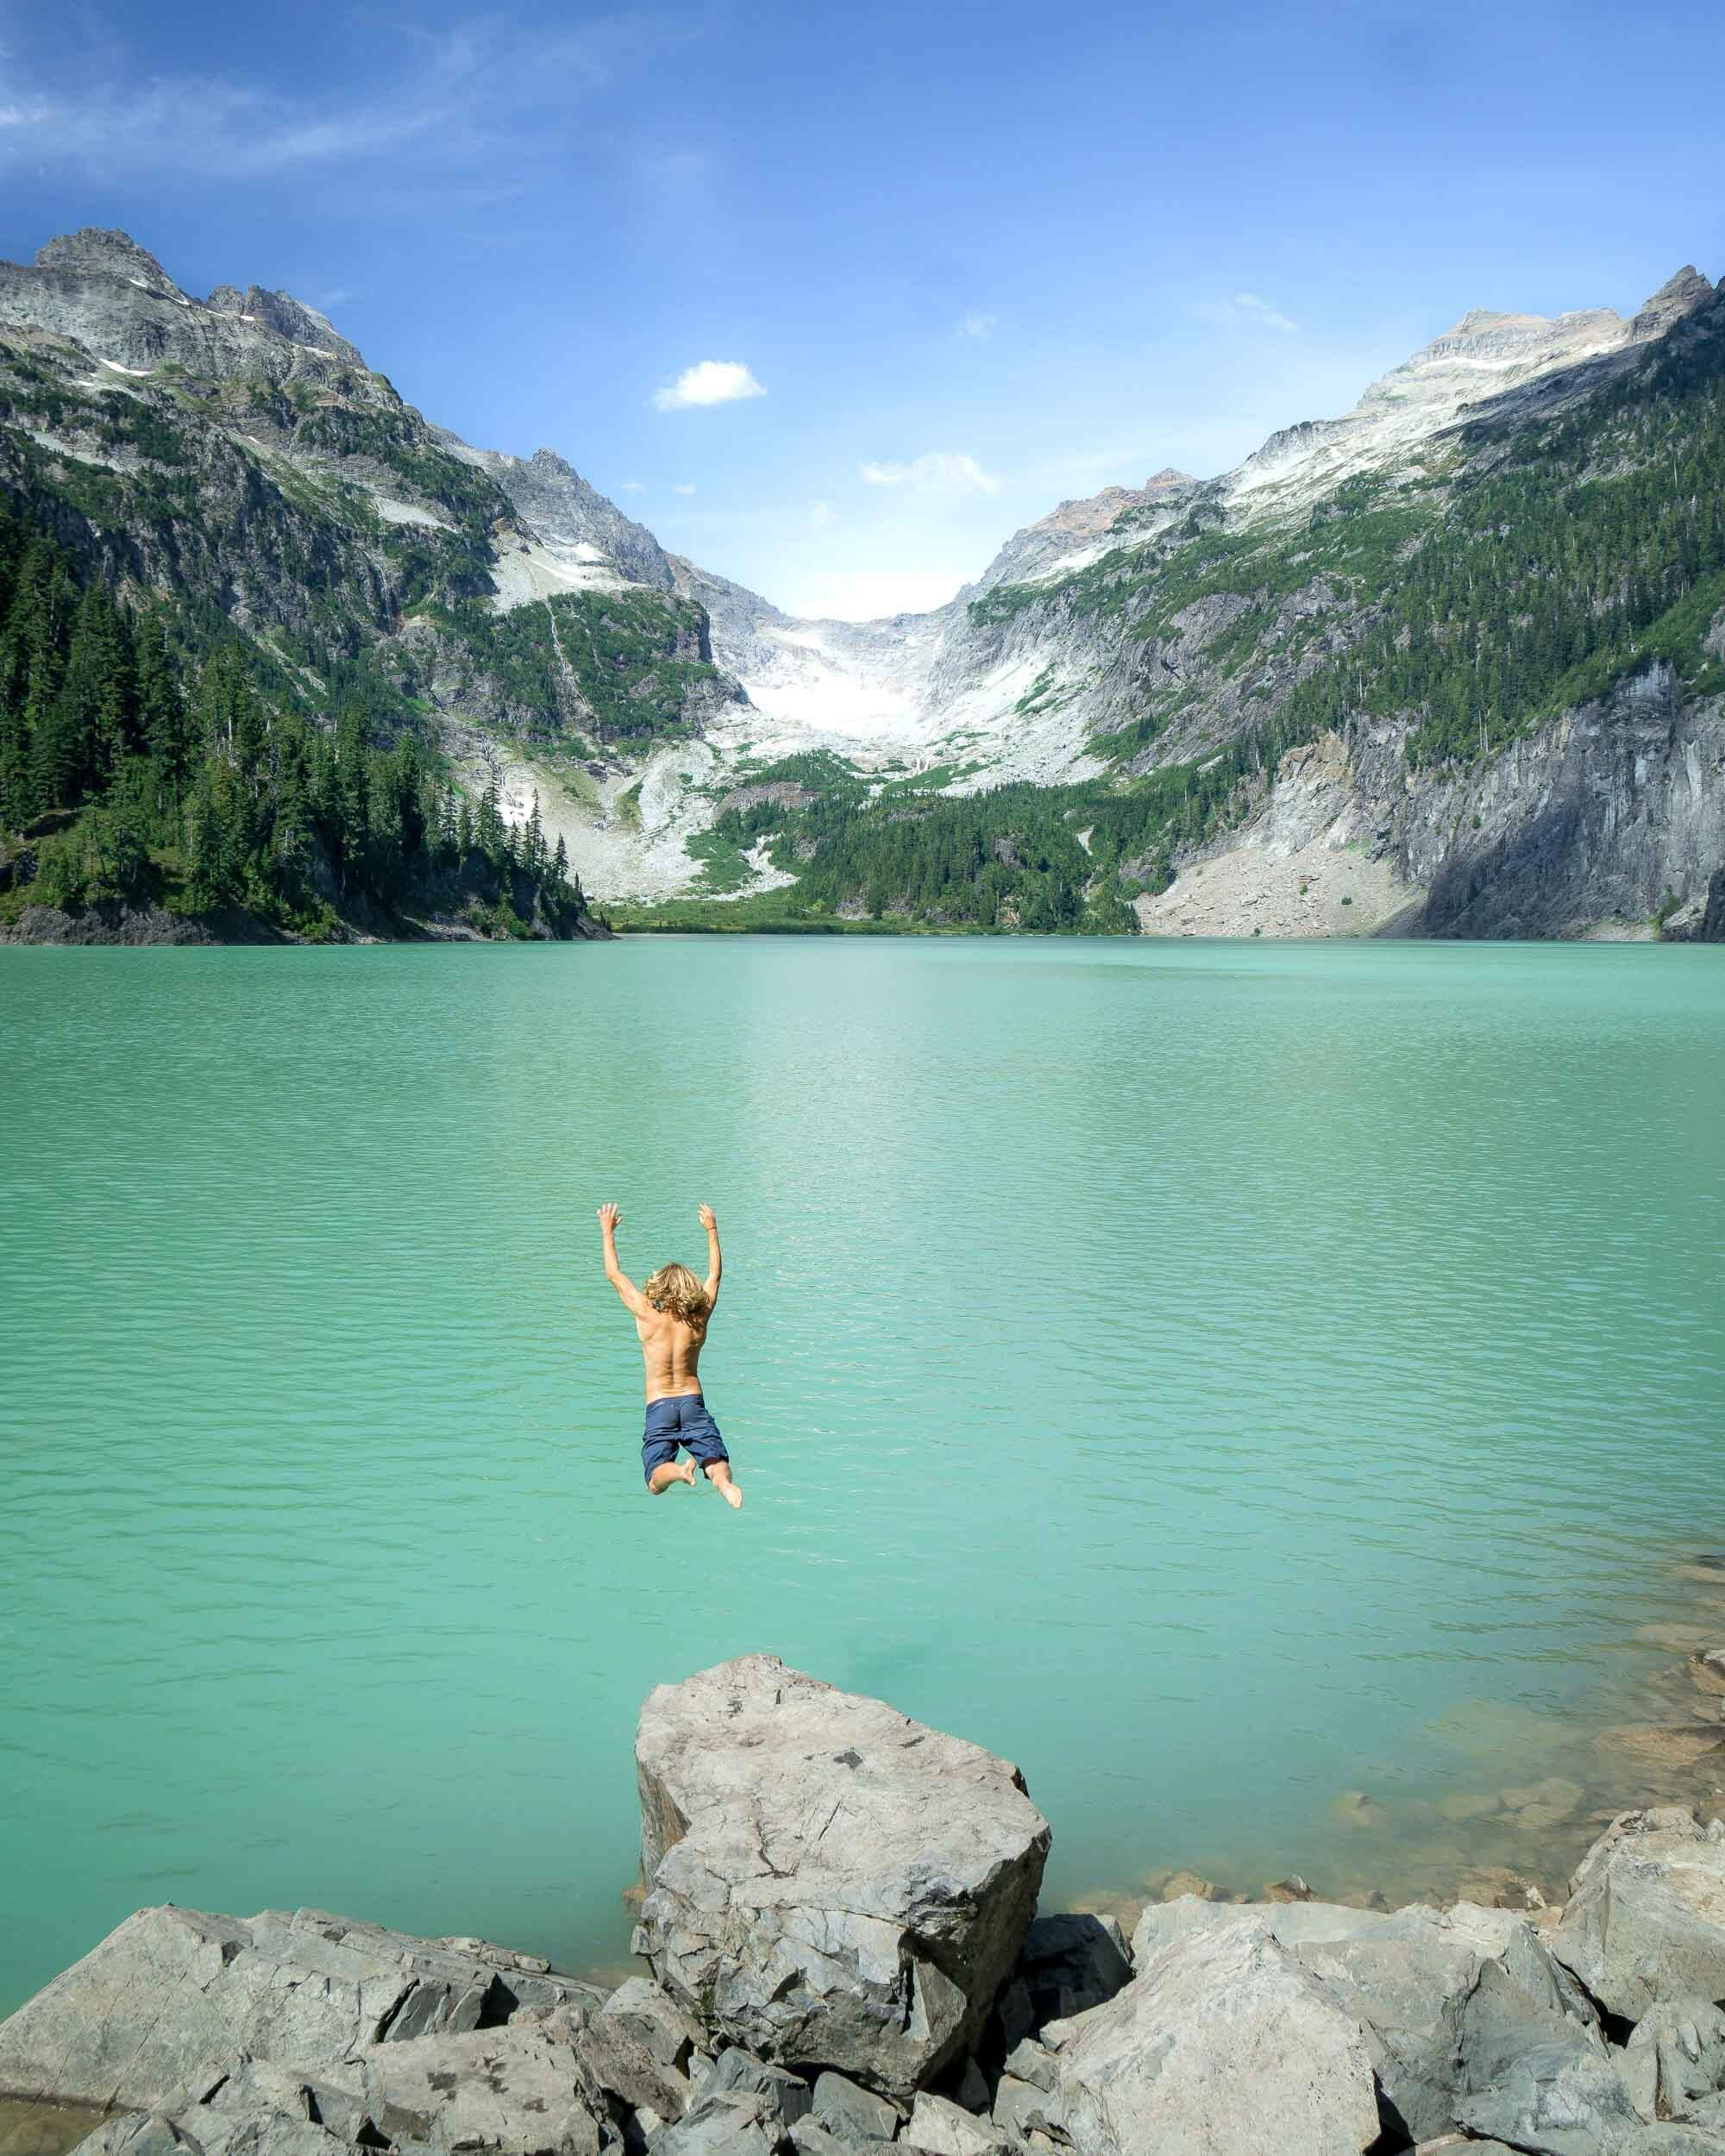 Quin jumping into the glacial water at  Blanca Lake .